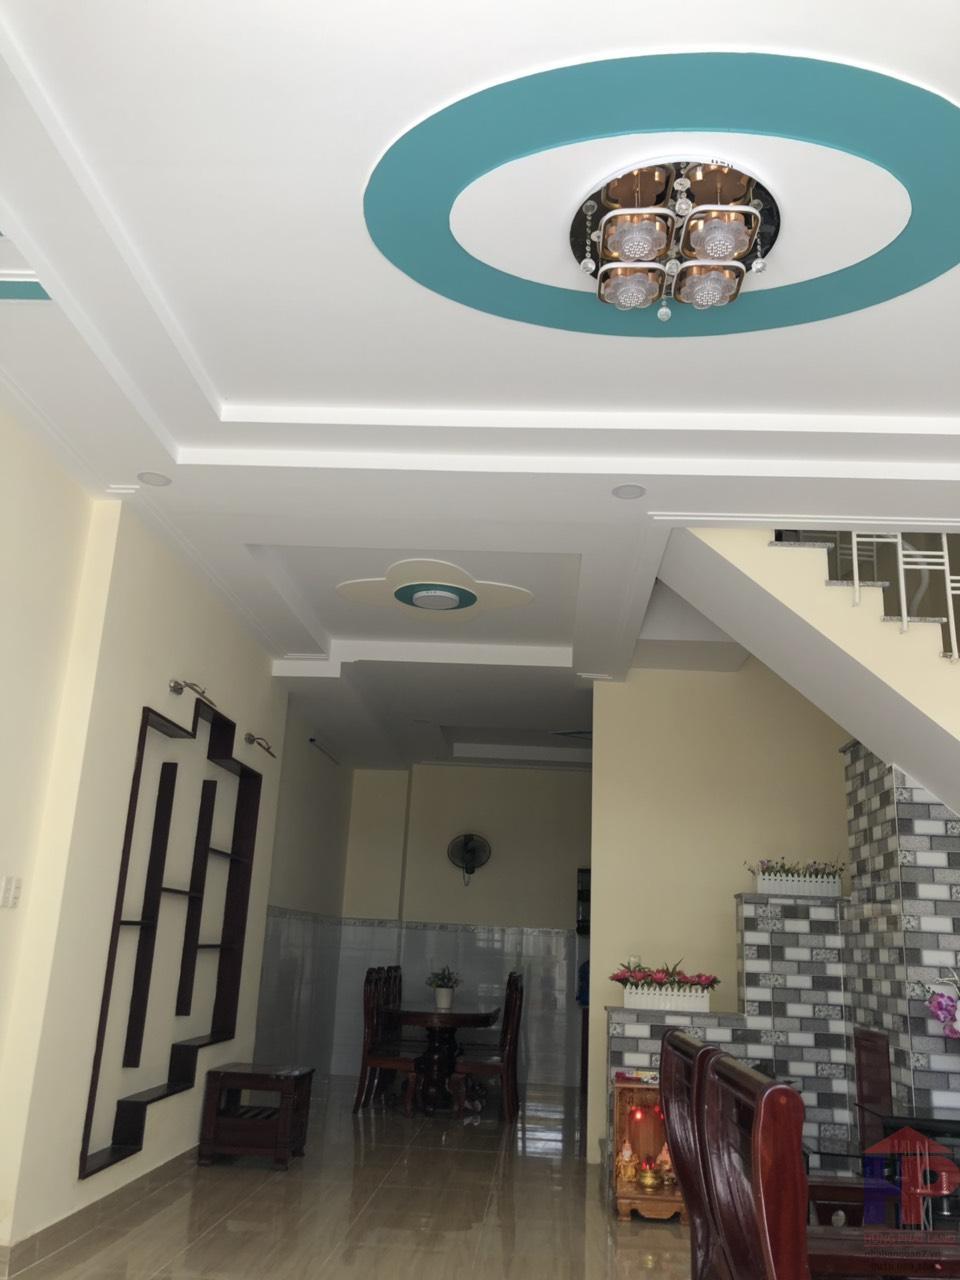 Bán nhà hẻm 160 Nguyễn Văn Quỳ Quận 7, 1 trệt – 2 lầu, DT 5x12m, giá 5.5 tỷ